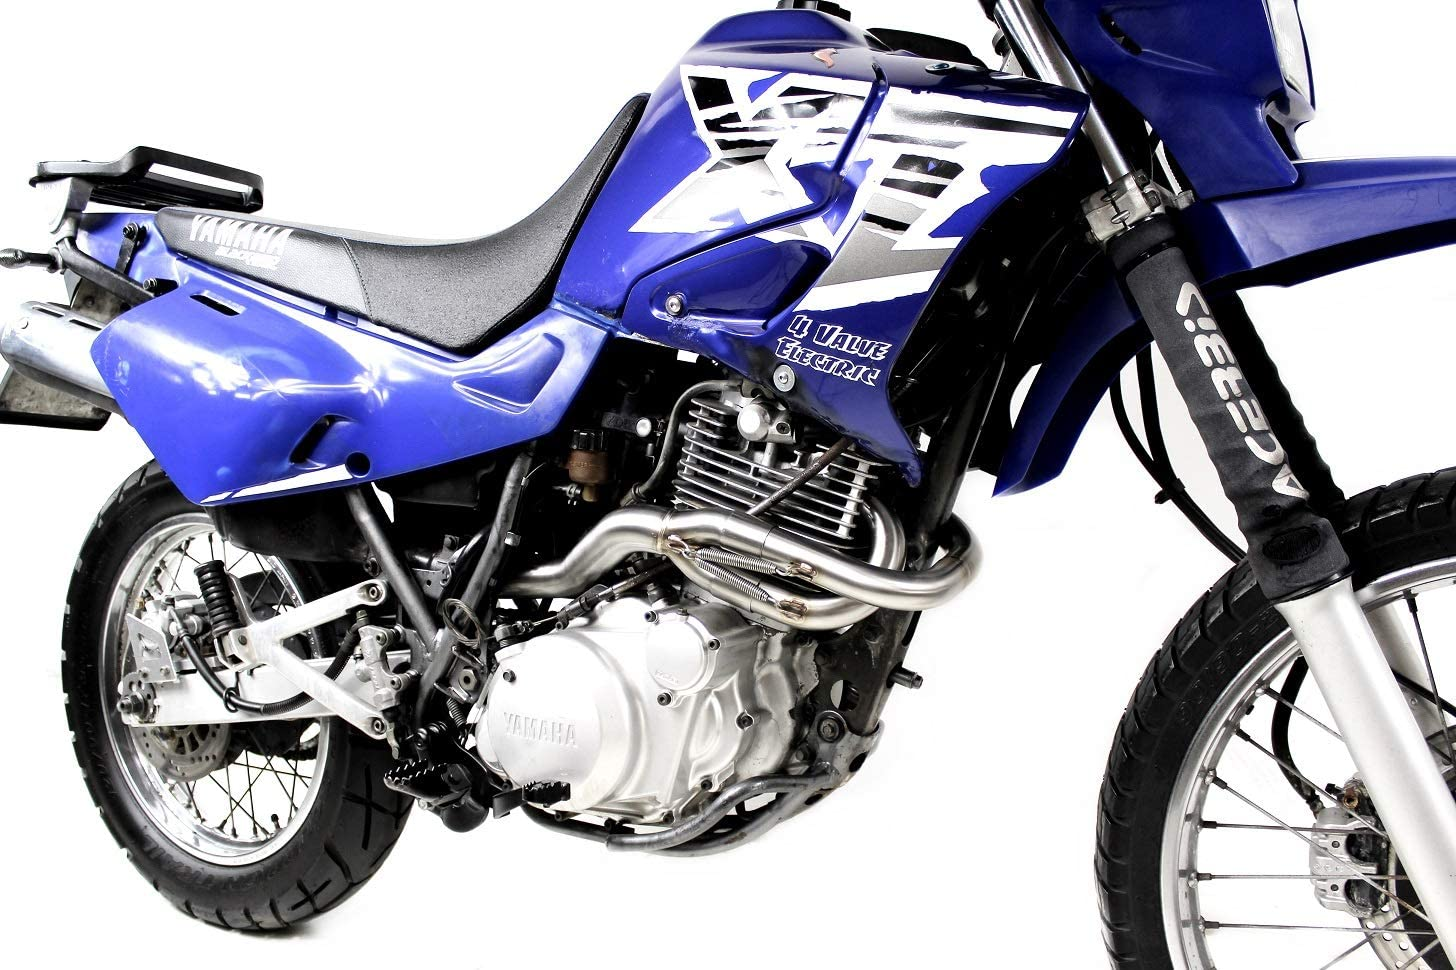 XT 600 Pot d/échappement MX Carbon Silencieux Dominator Exhaust Racing Slip-on 1990 1991 1992 1993 1994 1995 1996 1997 1998 1999 2000 2001 2002 2003 2004